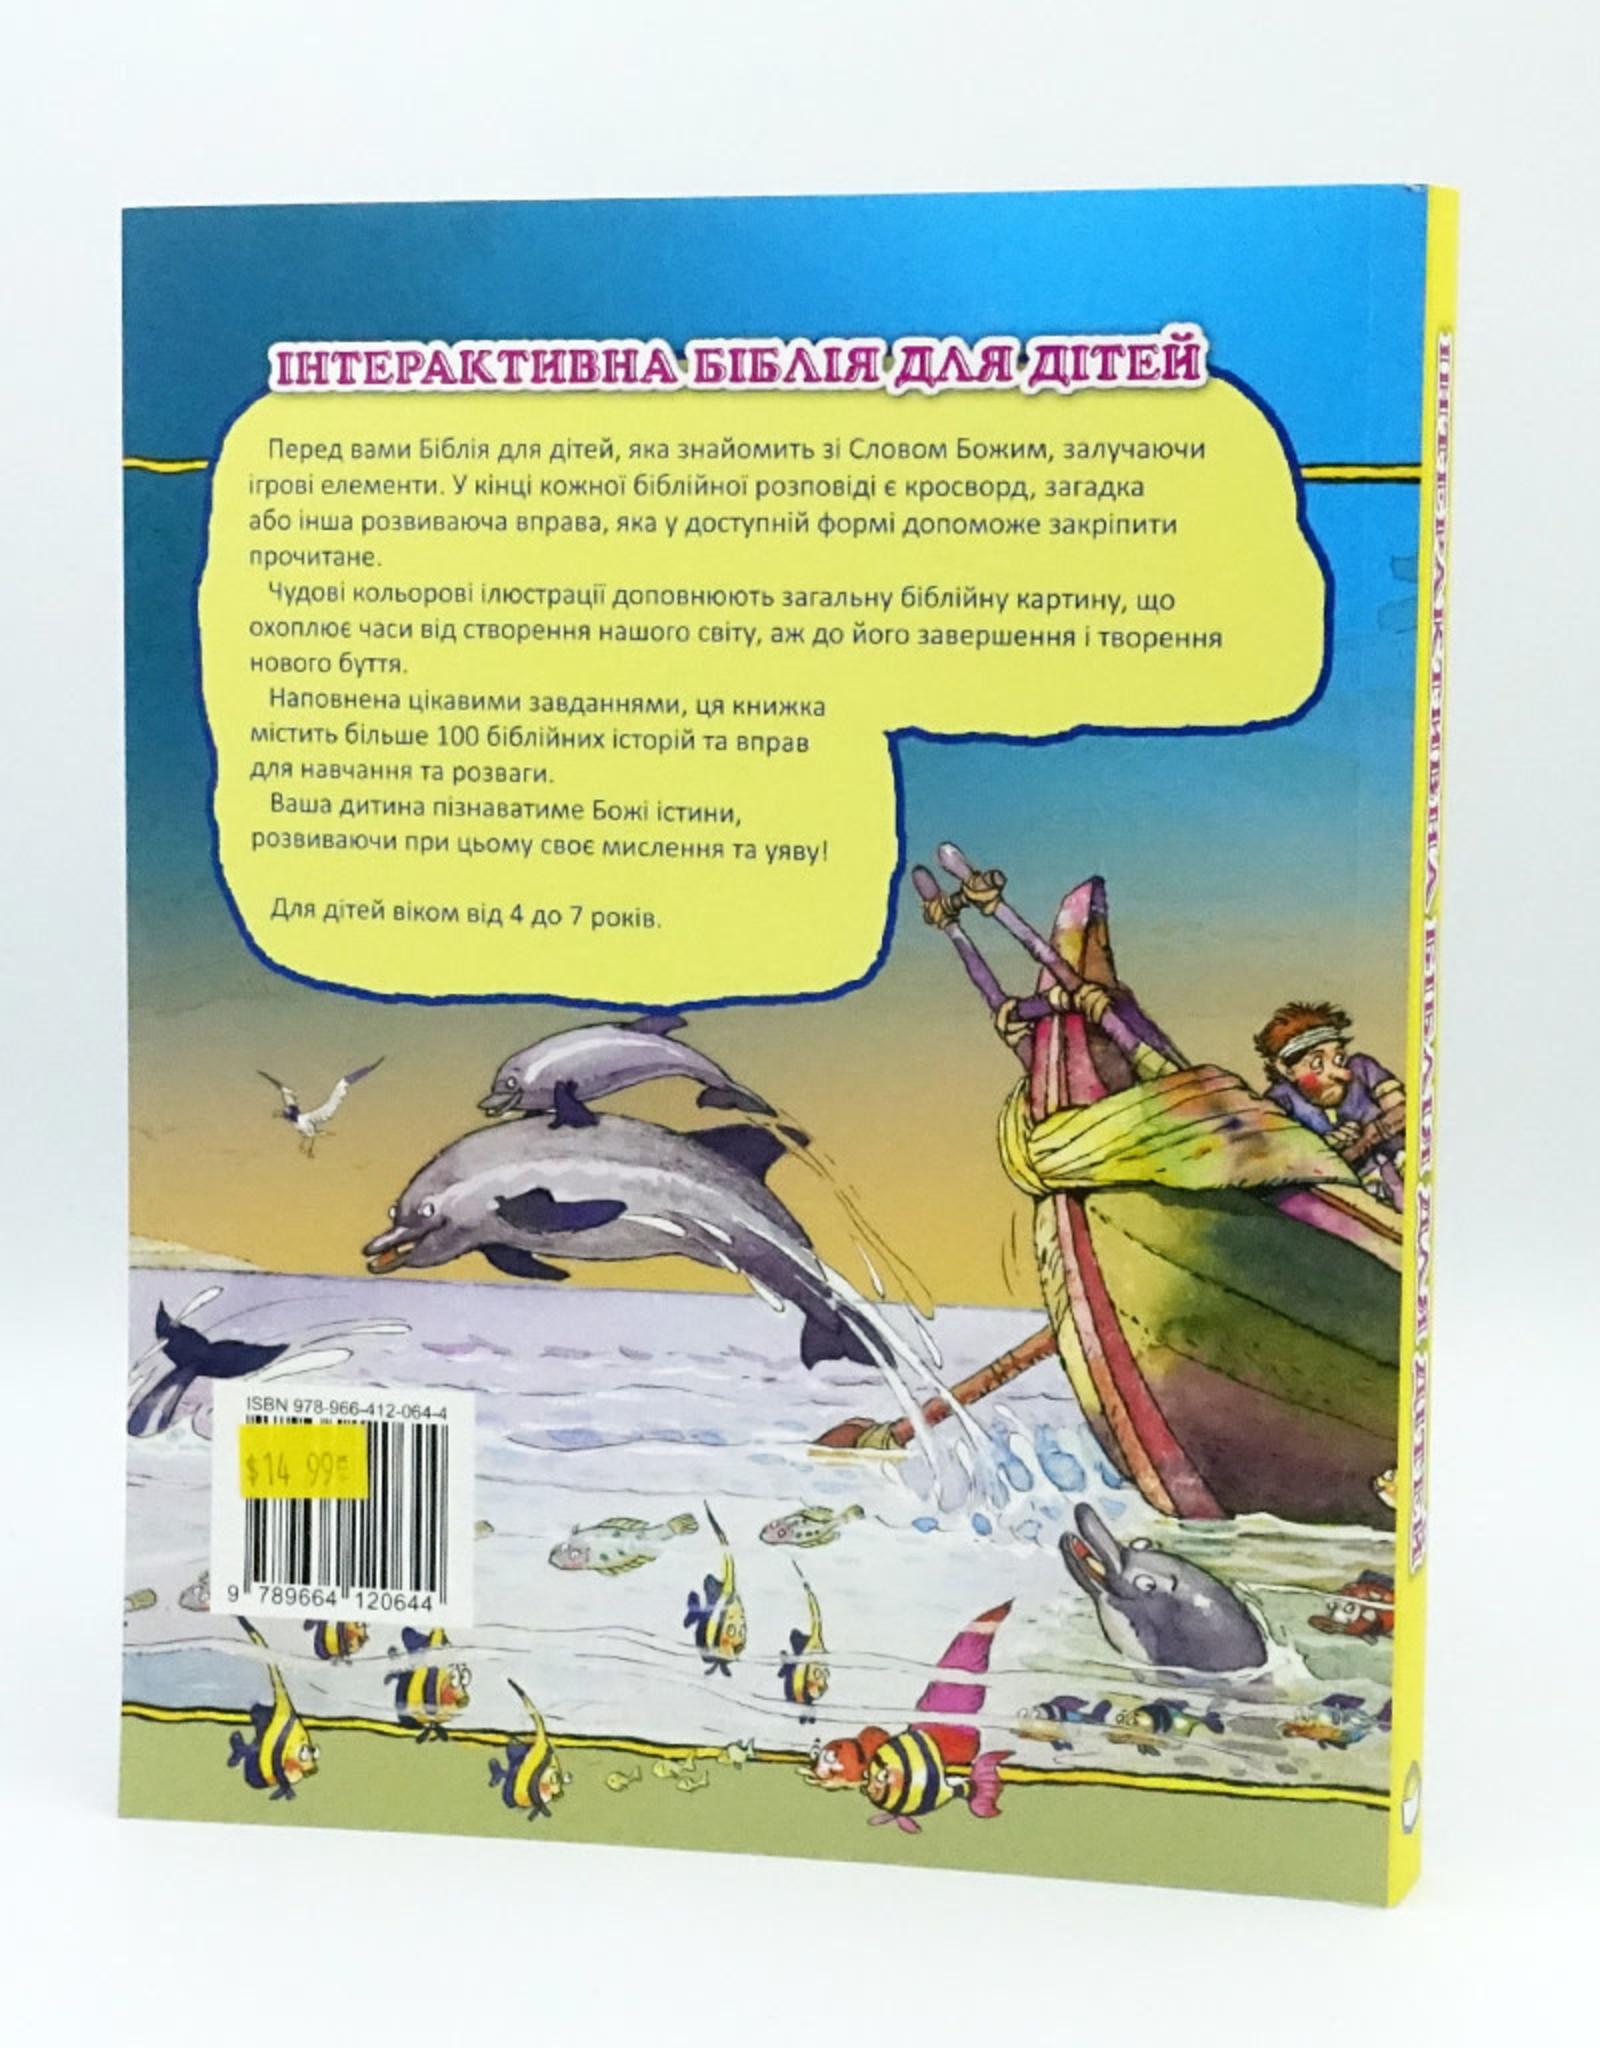 Интерактивна Библия для дитей, Укр.